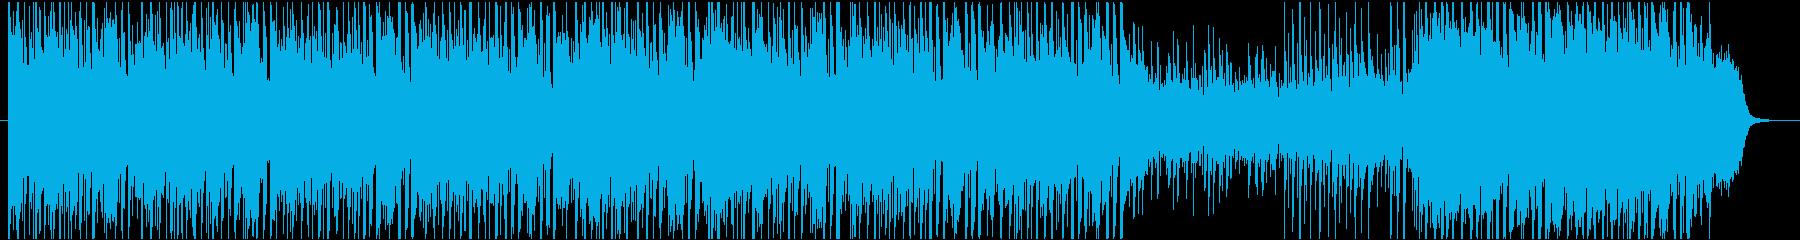 代替案 ポップ フュージョン ジャ...の再生済みの波形